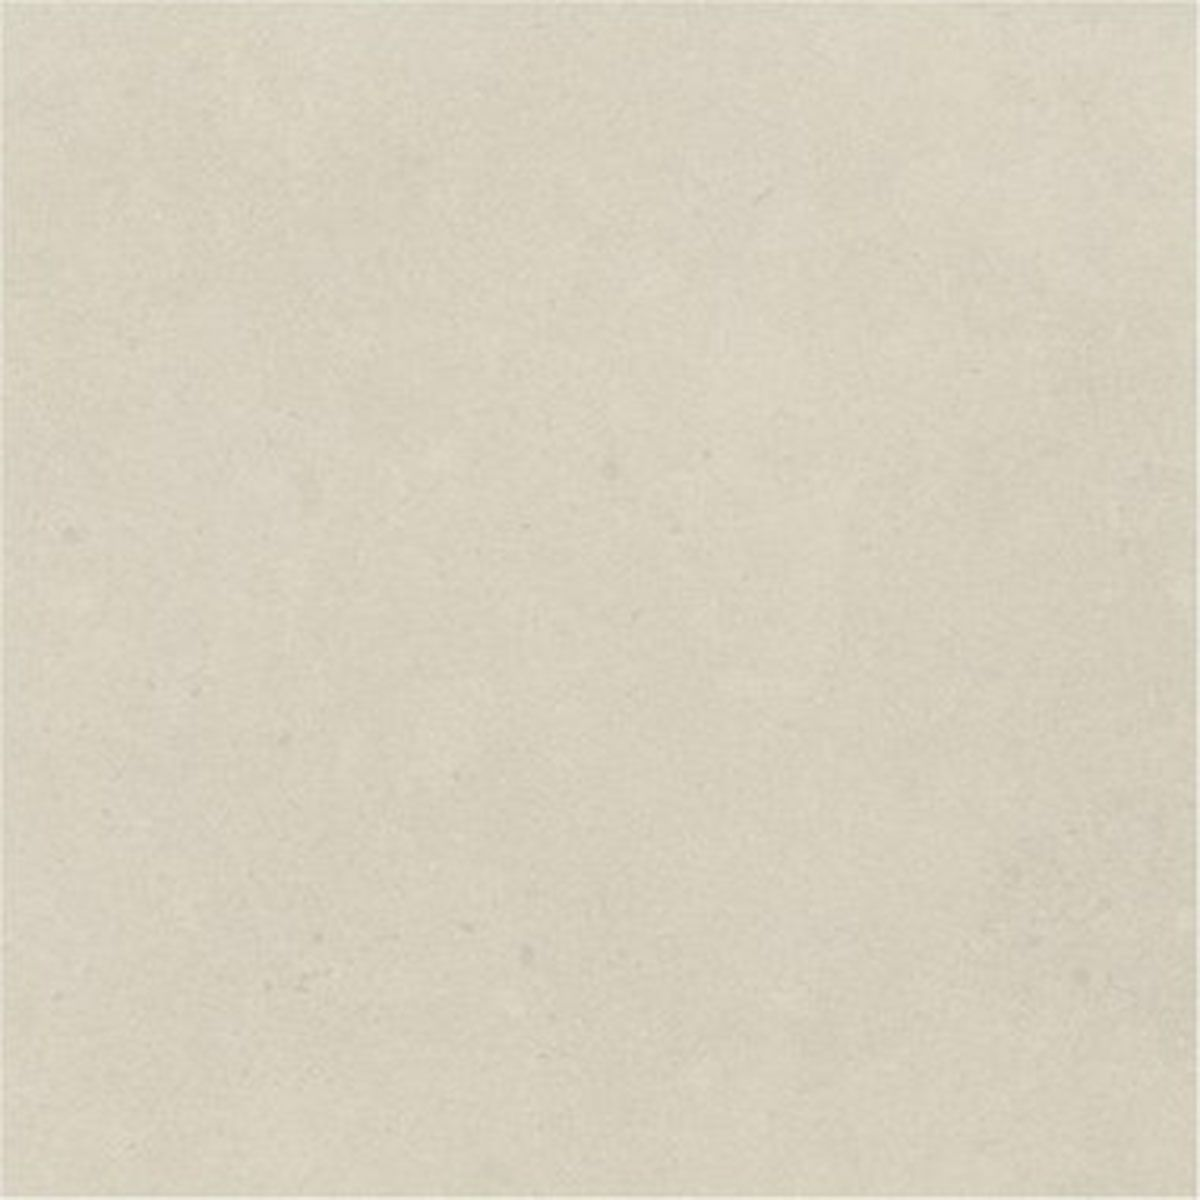 RAK Surface Sand Matt Tile 1200 x 1200mm